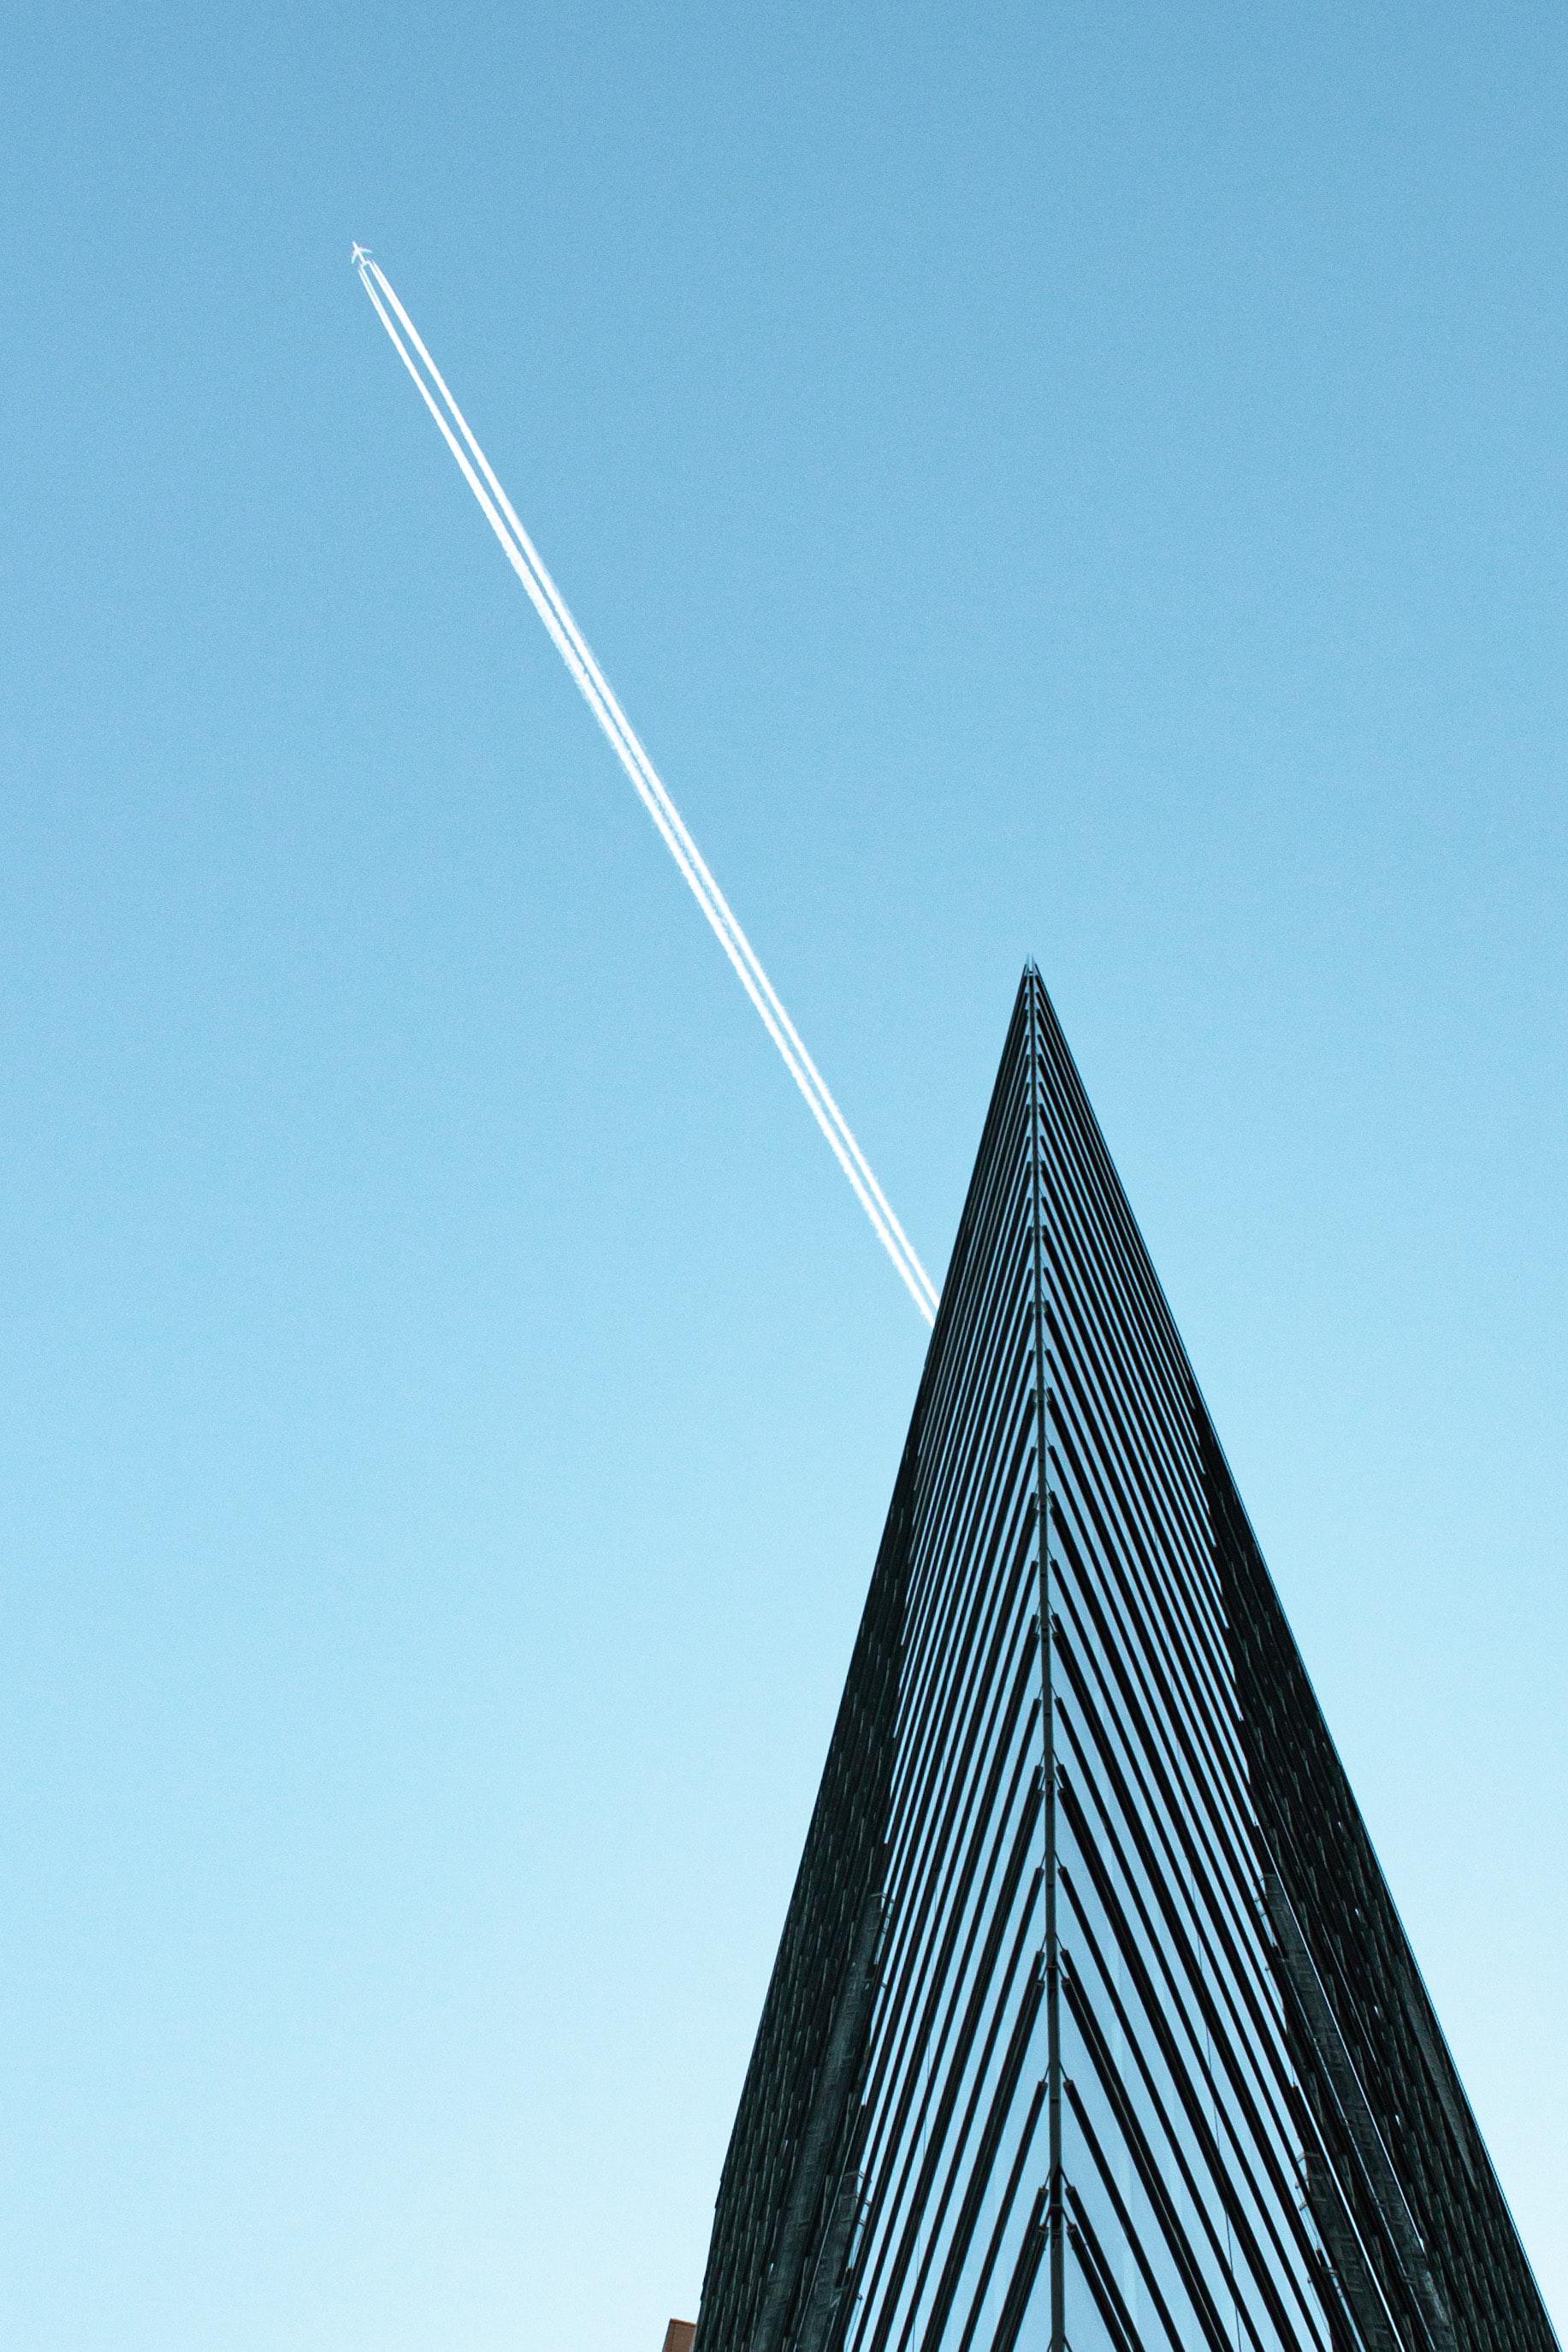 147344壁紙のダウンロードミニマリズム, 建物, 飛行機, 追跡, 跡, スカイ-スクリーンセーバーと写真を無料で